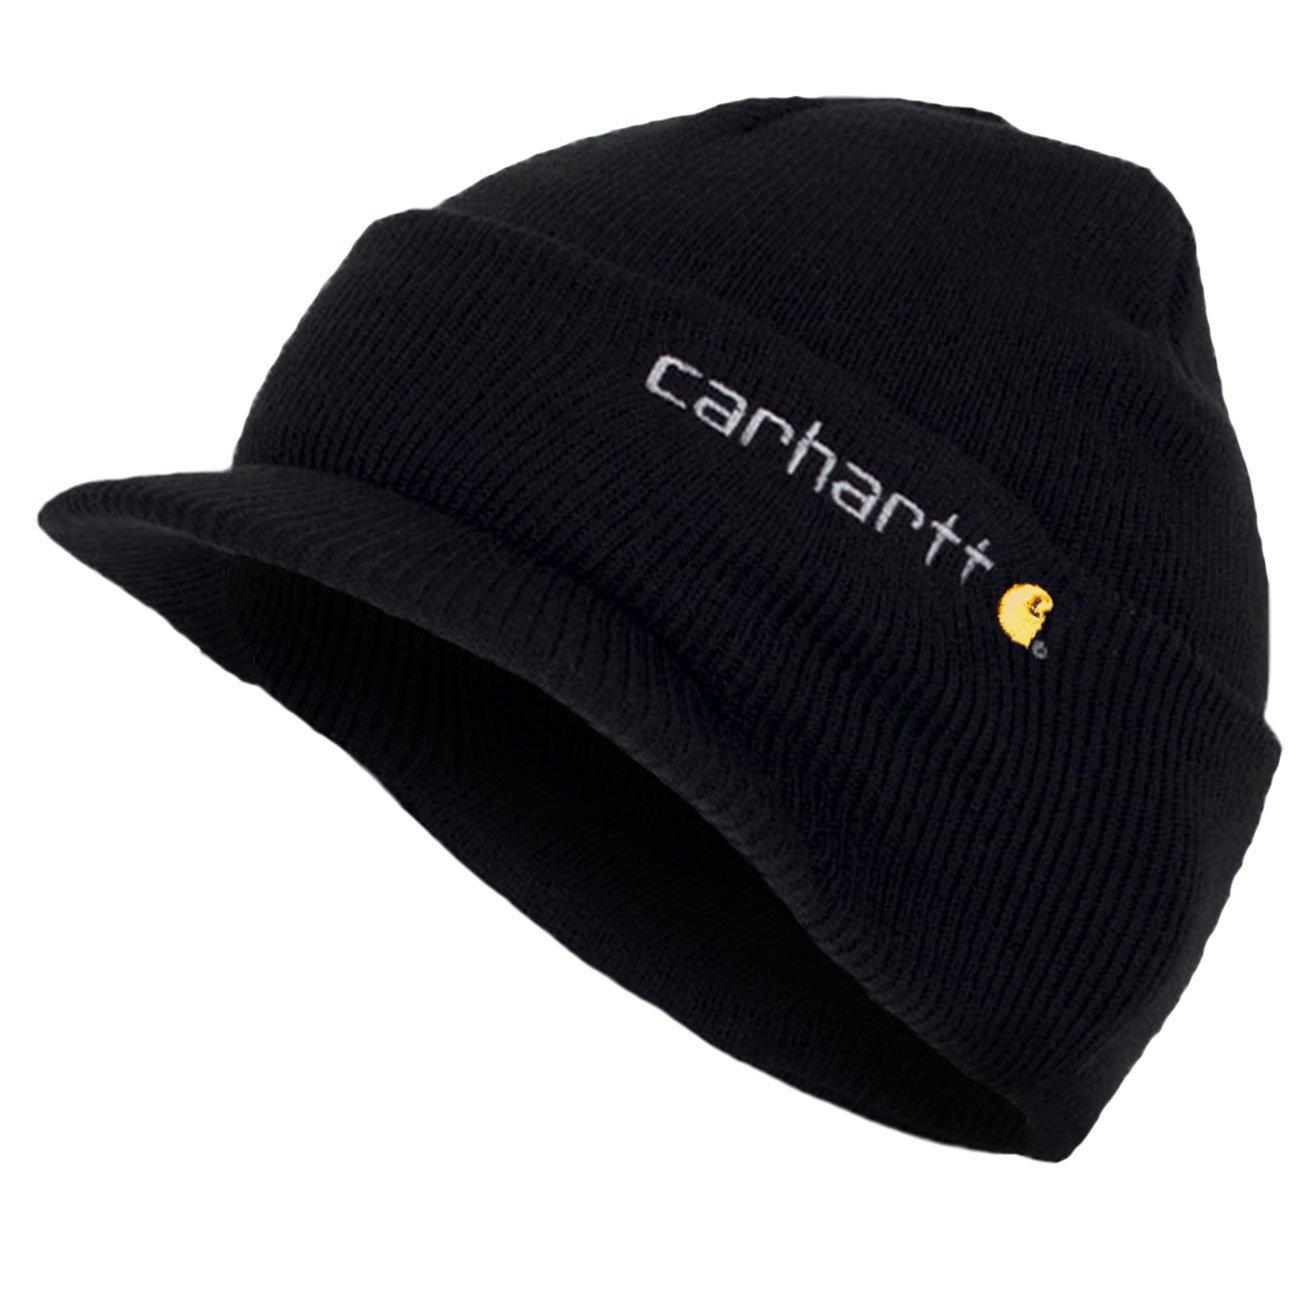 Carhartt - Cuffia a Maglia con Visiera - Nero CHA164BLK Beanie Peak Cappello CHA164BLK